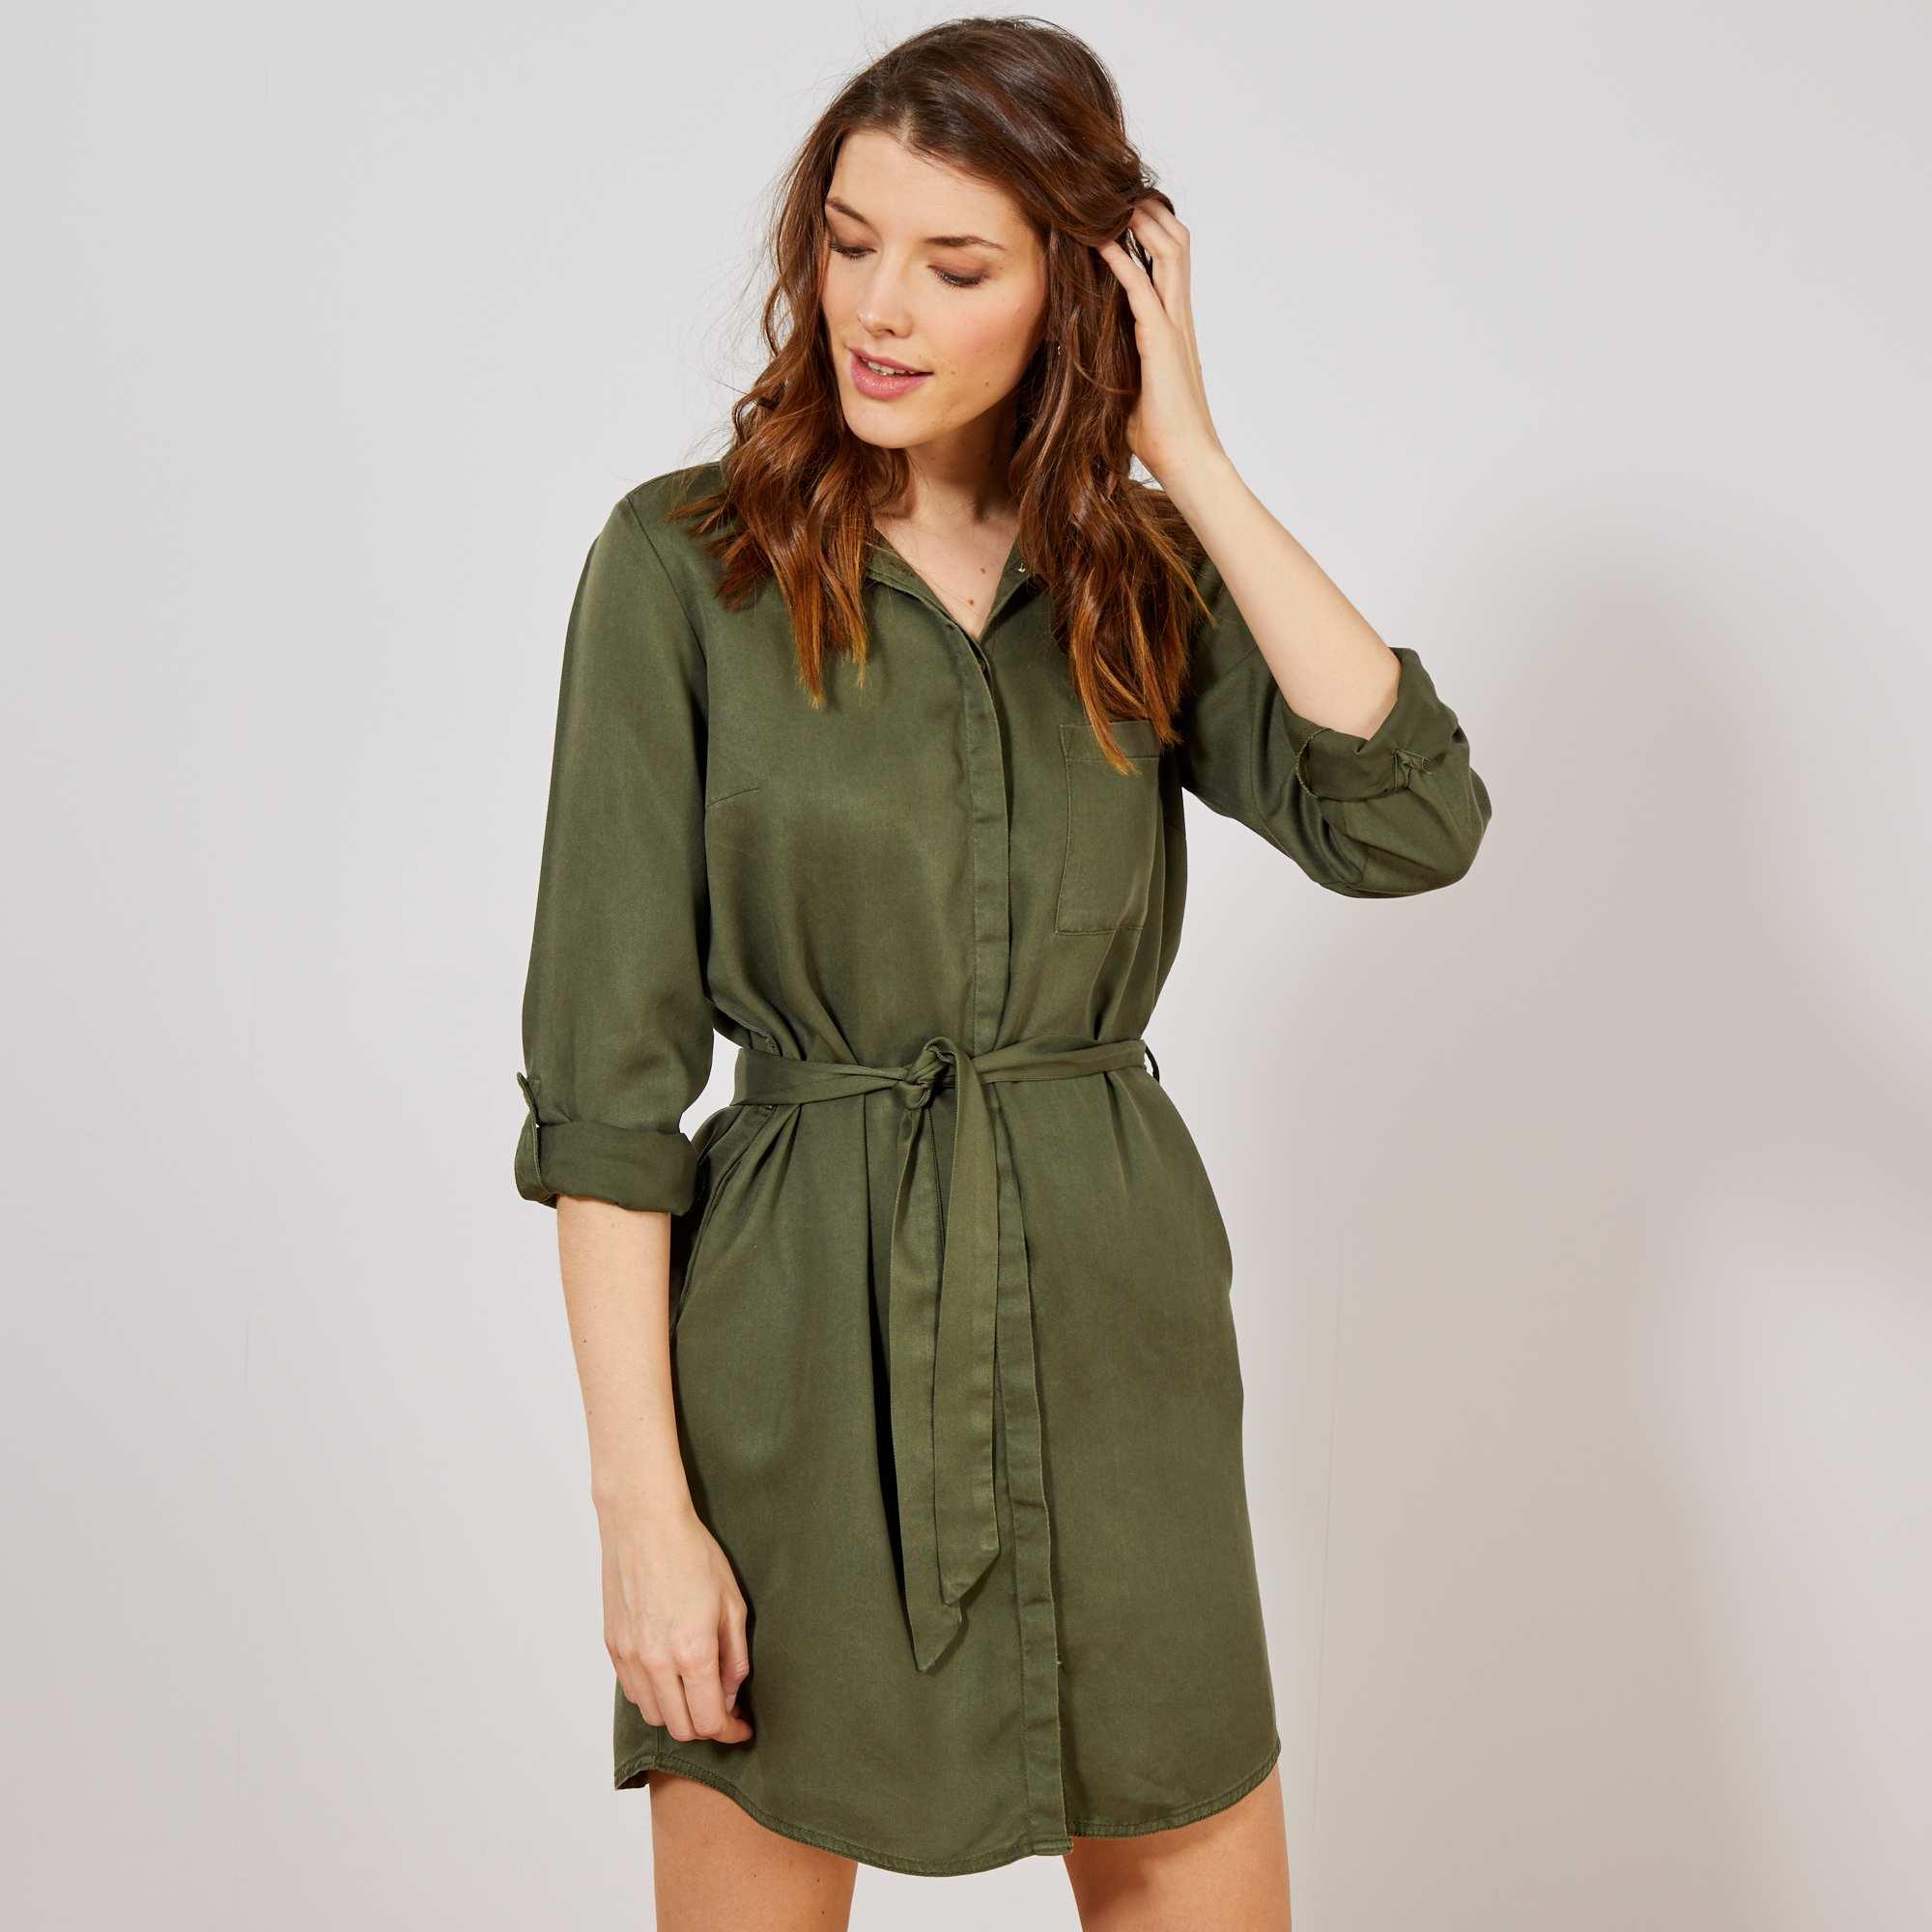 57a2ea19e4992c Overhemd-jurk met riem Dameskleding - KAKI - Kiabi - 20